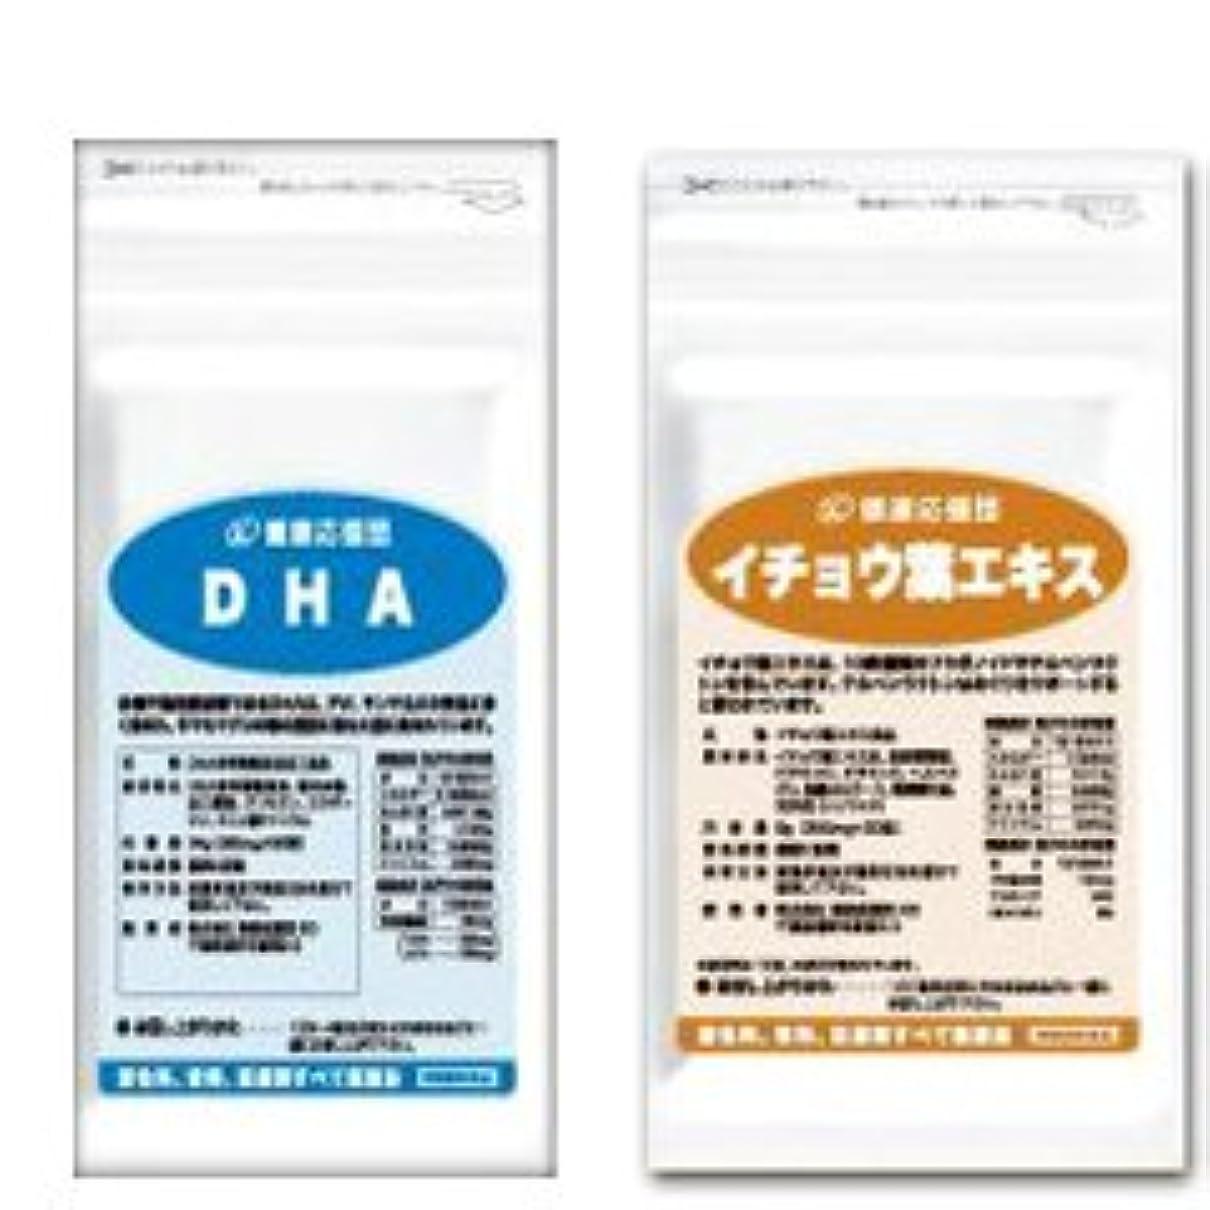 プラカード発見するブリッジ(お徳用12か月分)サラサラ巡りセット DHA + イチョウ葉エキス 12袋&12袋セット(DHA?EPA?イチョウ葉?ビタミンC?ビタミンE?ビタミンP配合)